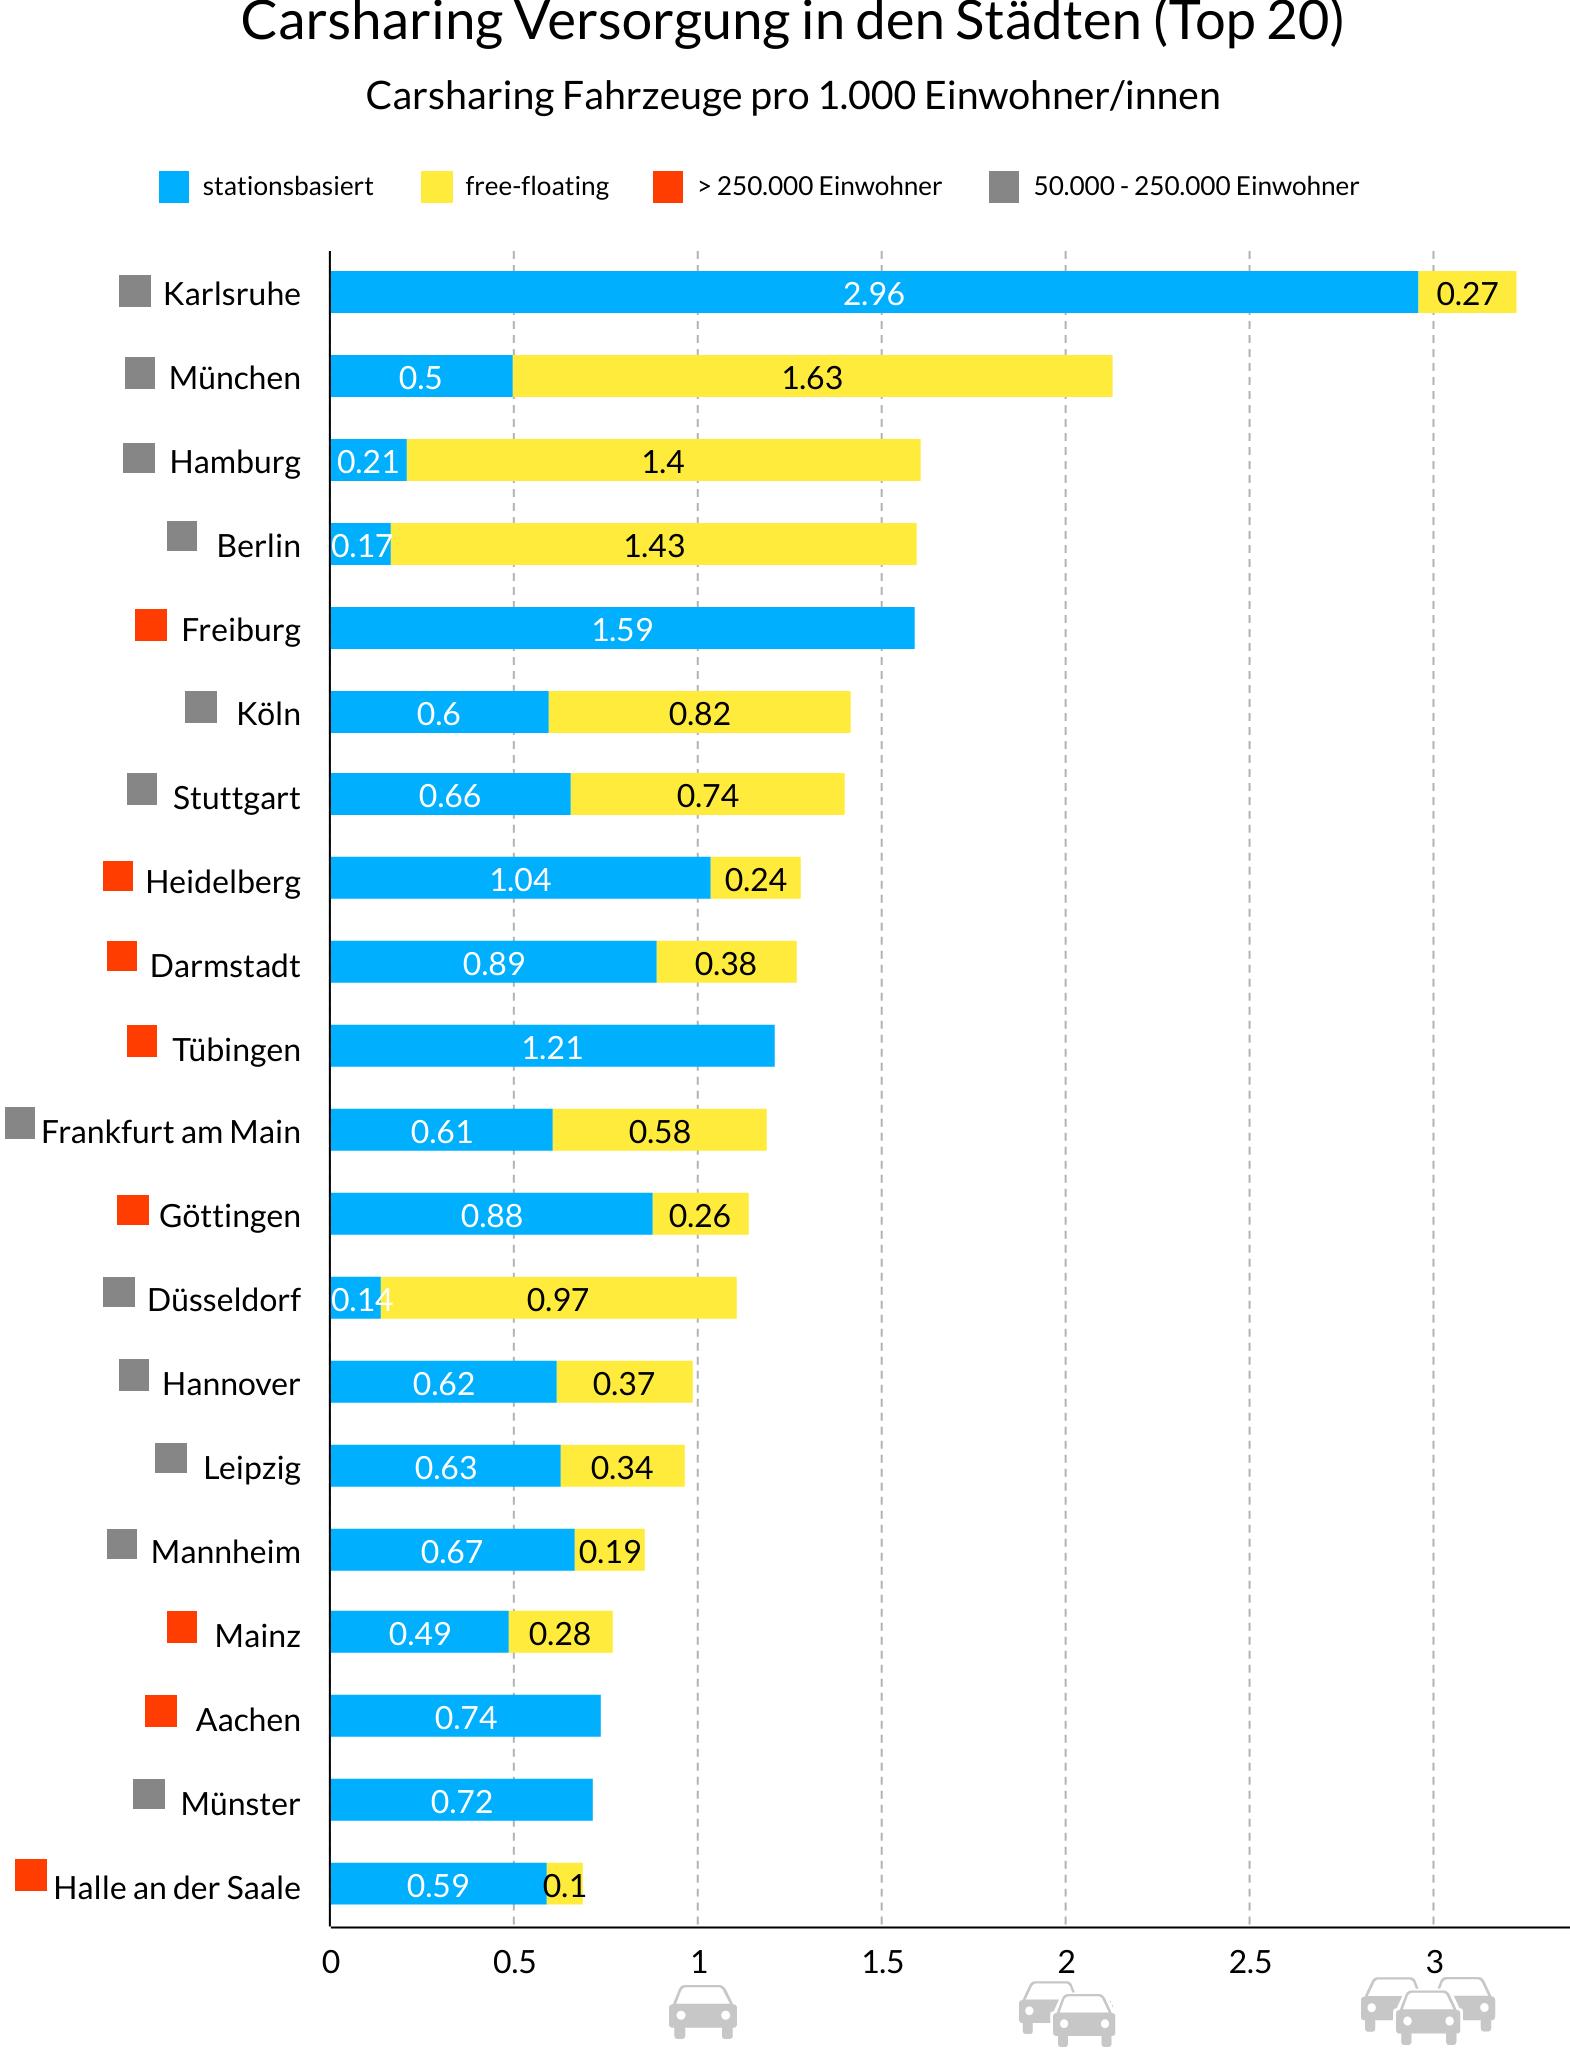 Statistik der Top 20 Carsharing Städte, unterschieden in free-floating, stationsbasiert und Einwohnerzahlen